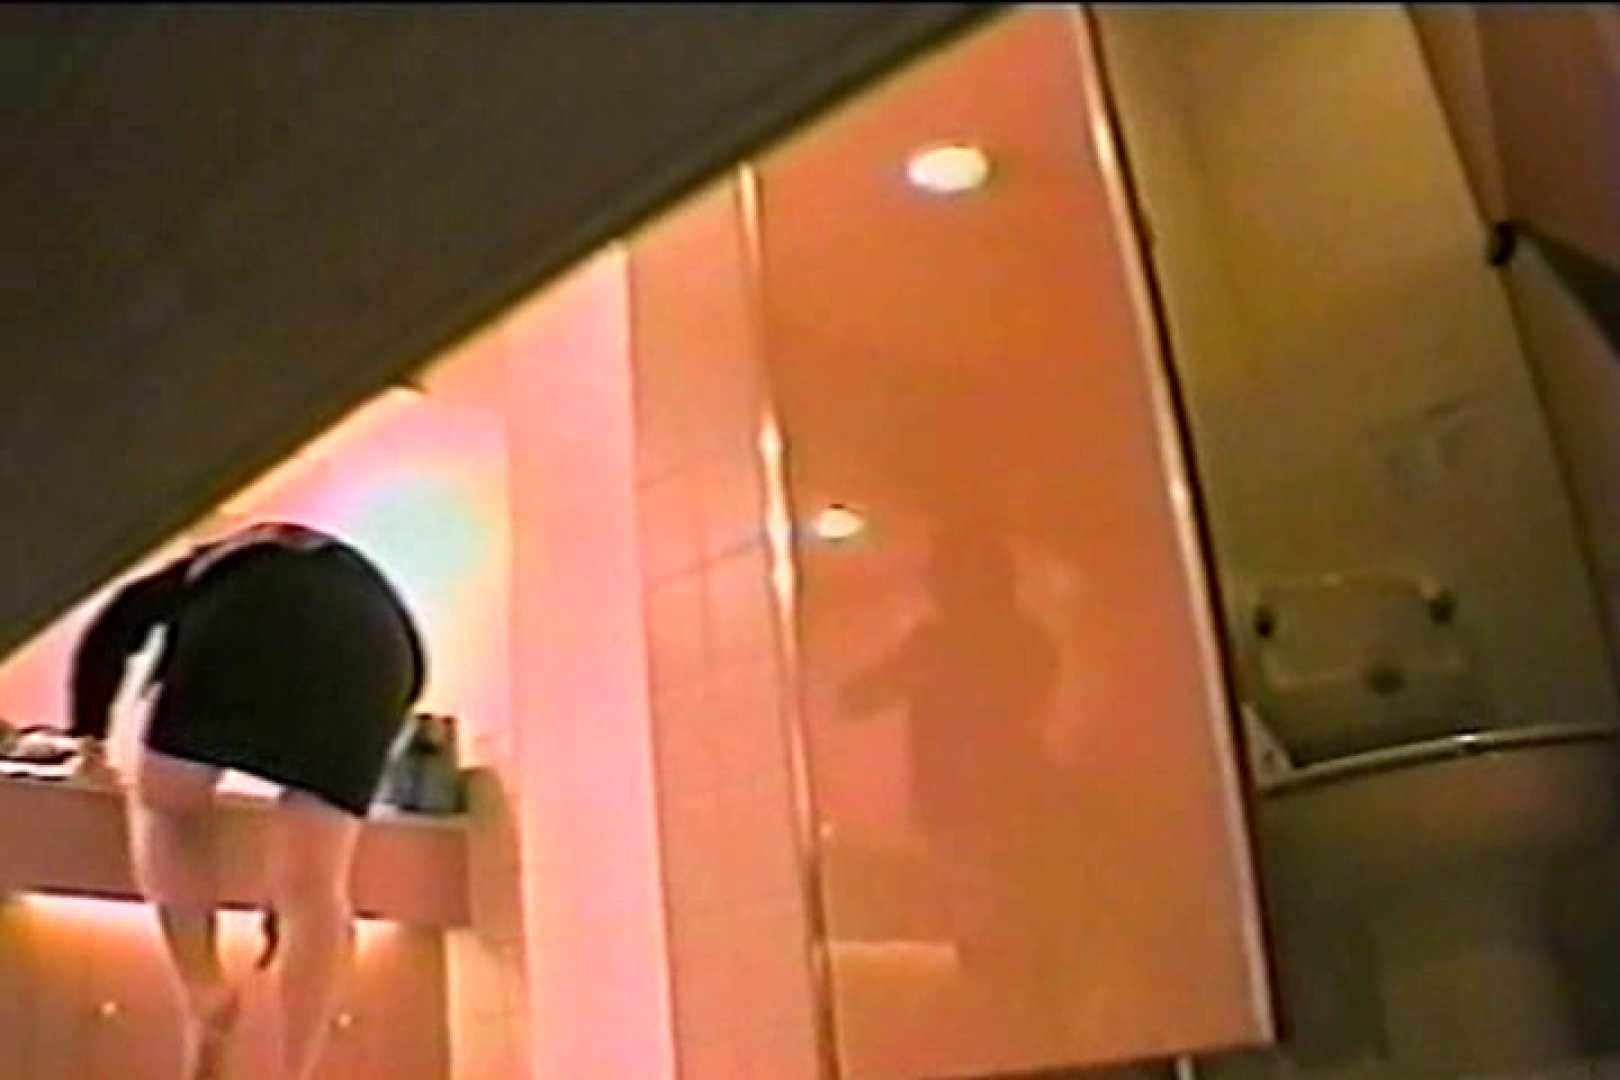 門外不出デパート洗面所 No.15 洗面所 オマンコ動画キャプチャ 85連発 8